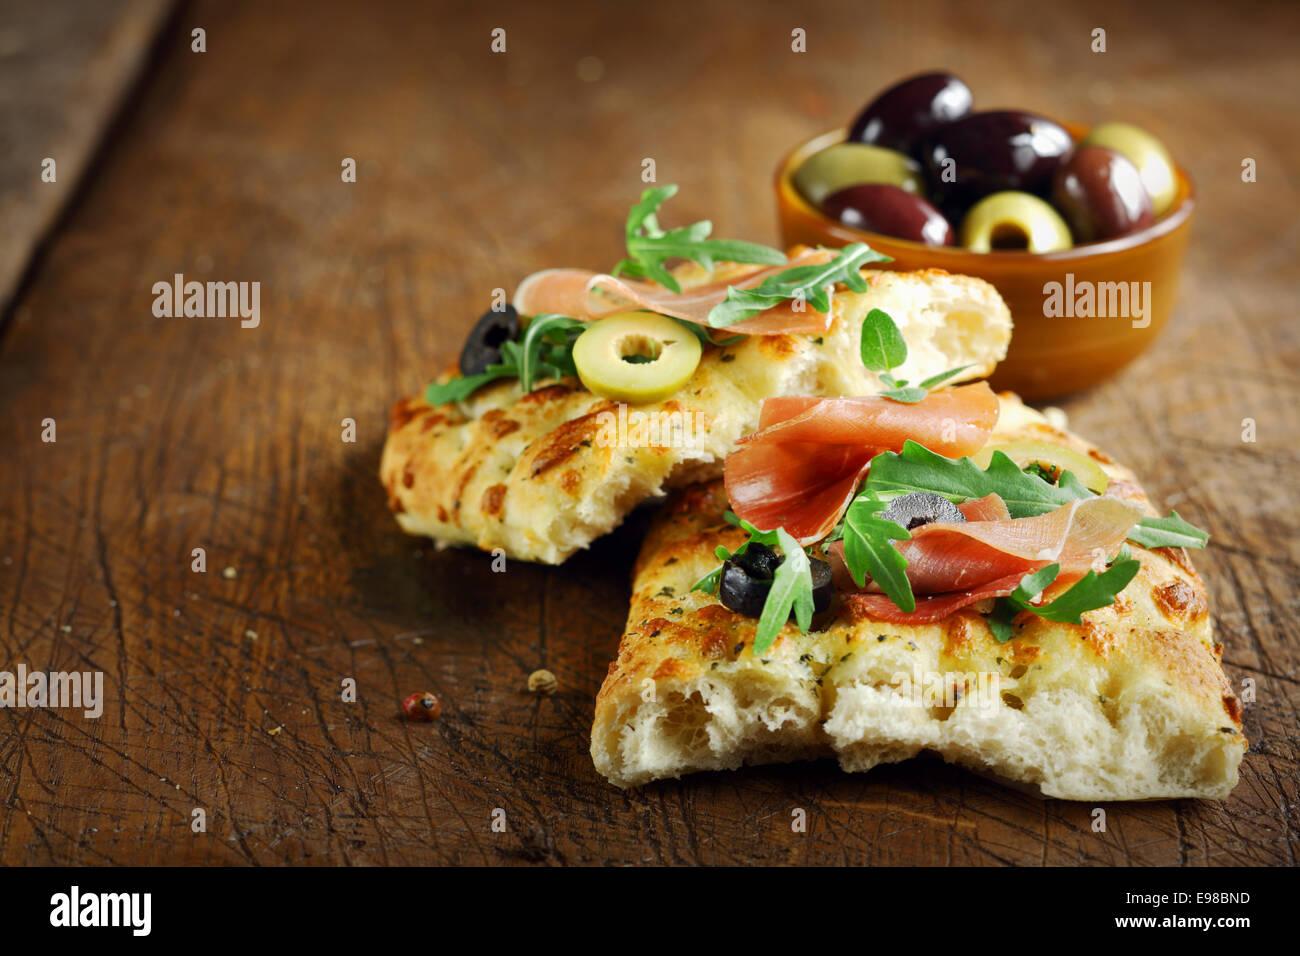 Jambon et à la roquette sur pain focaccia italienne fraîche garnie d'olives tranchées allongé sur une vieille table de cuisine en bois haut Banque D'Images